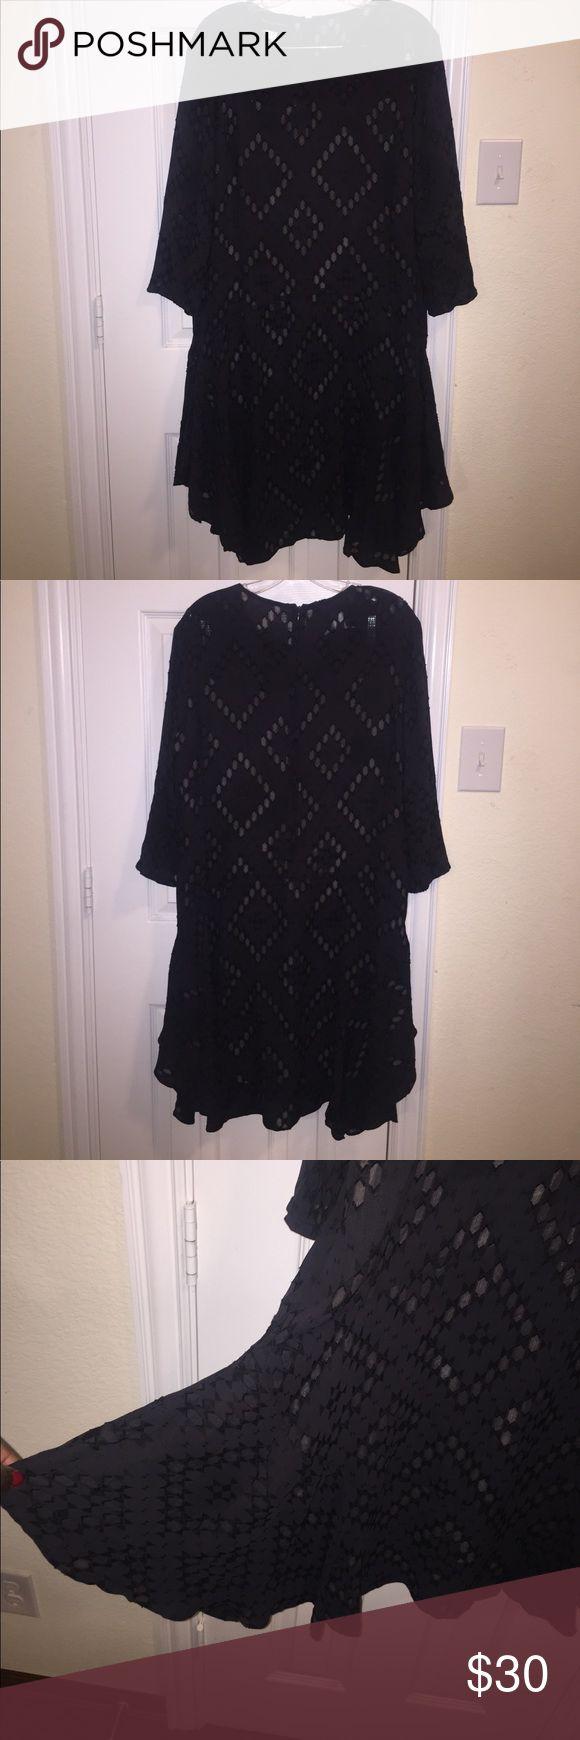 DONNA MORGAN BEAUTIFUL BLACK DRESS Pretty black dress with a dramatic finish Donna Morgan Dresses Midi